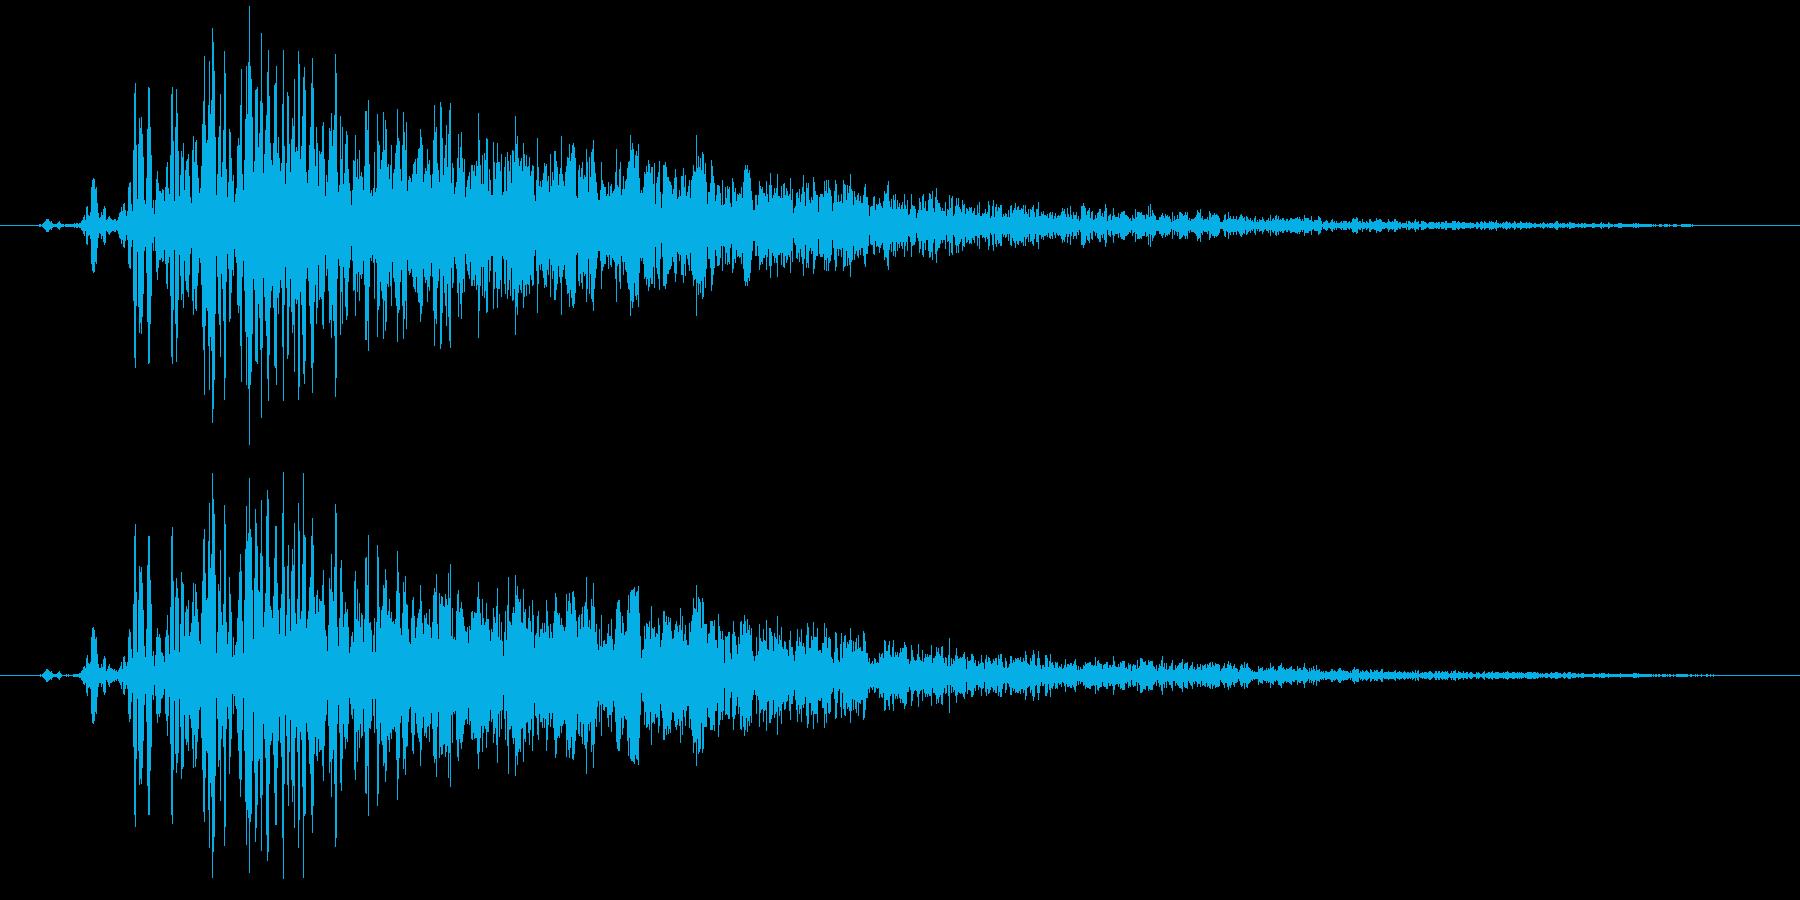 詠唱(魔方陣発生)の再生済みの波形